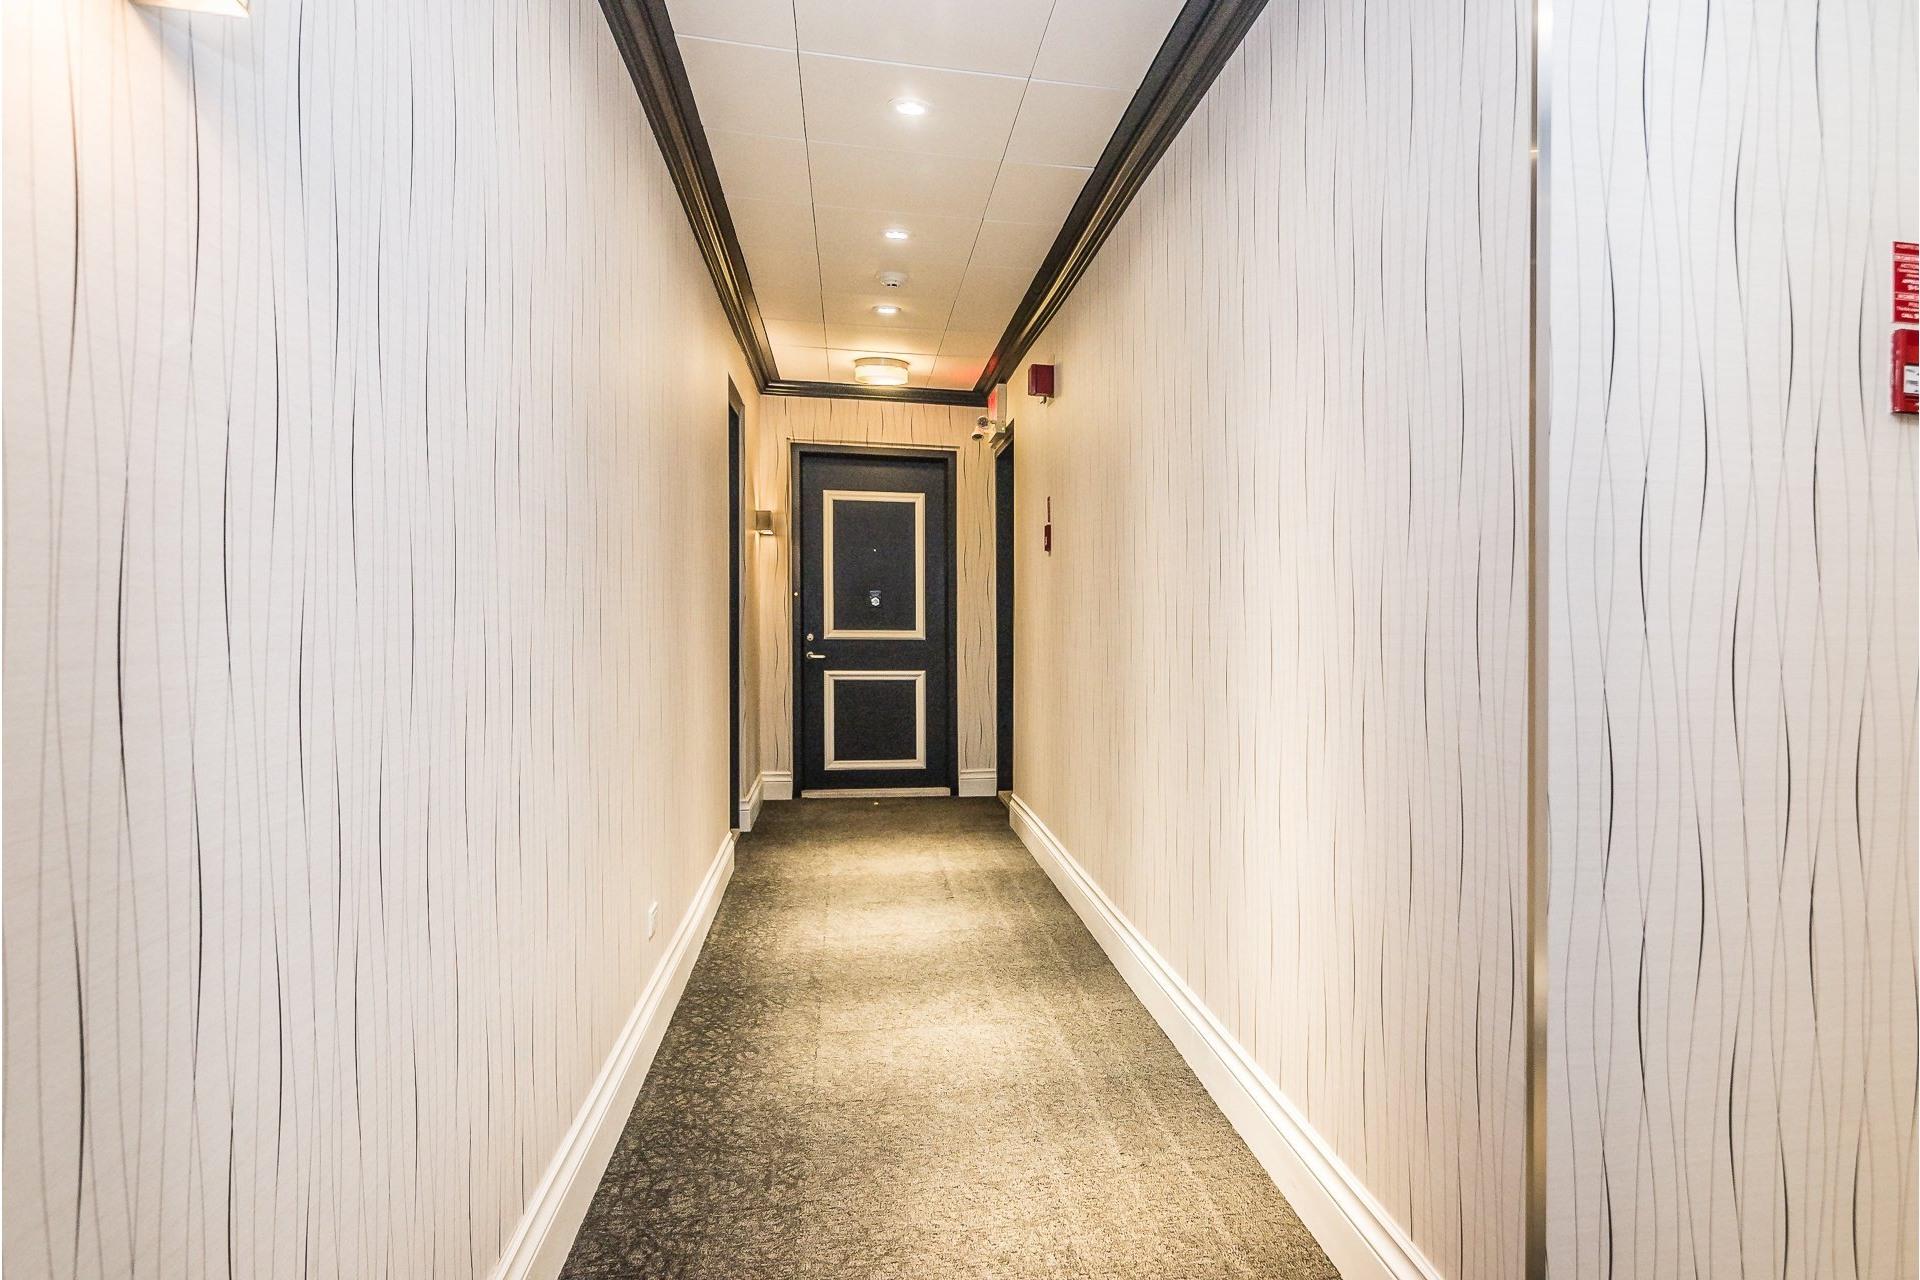 image 2 - Appartement À louer Westmount - 7 pièces